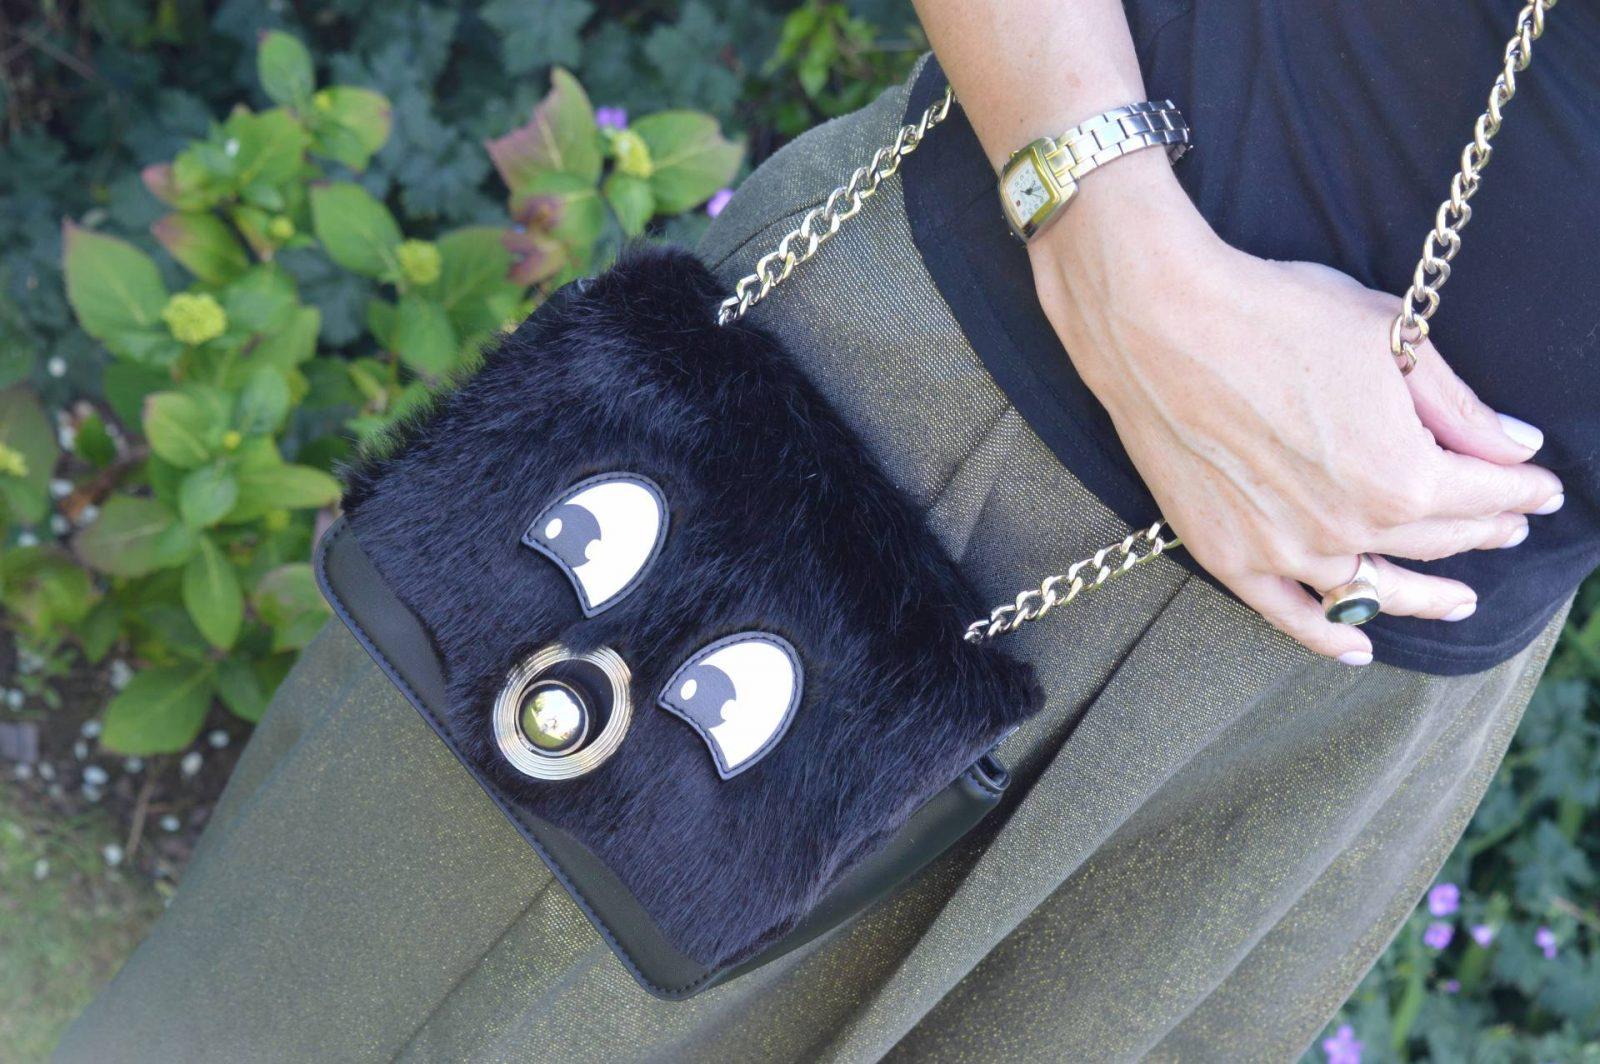 Zara khaki Metallic Culottes, Mix and Match bag, black cold shoulder top